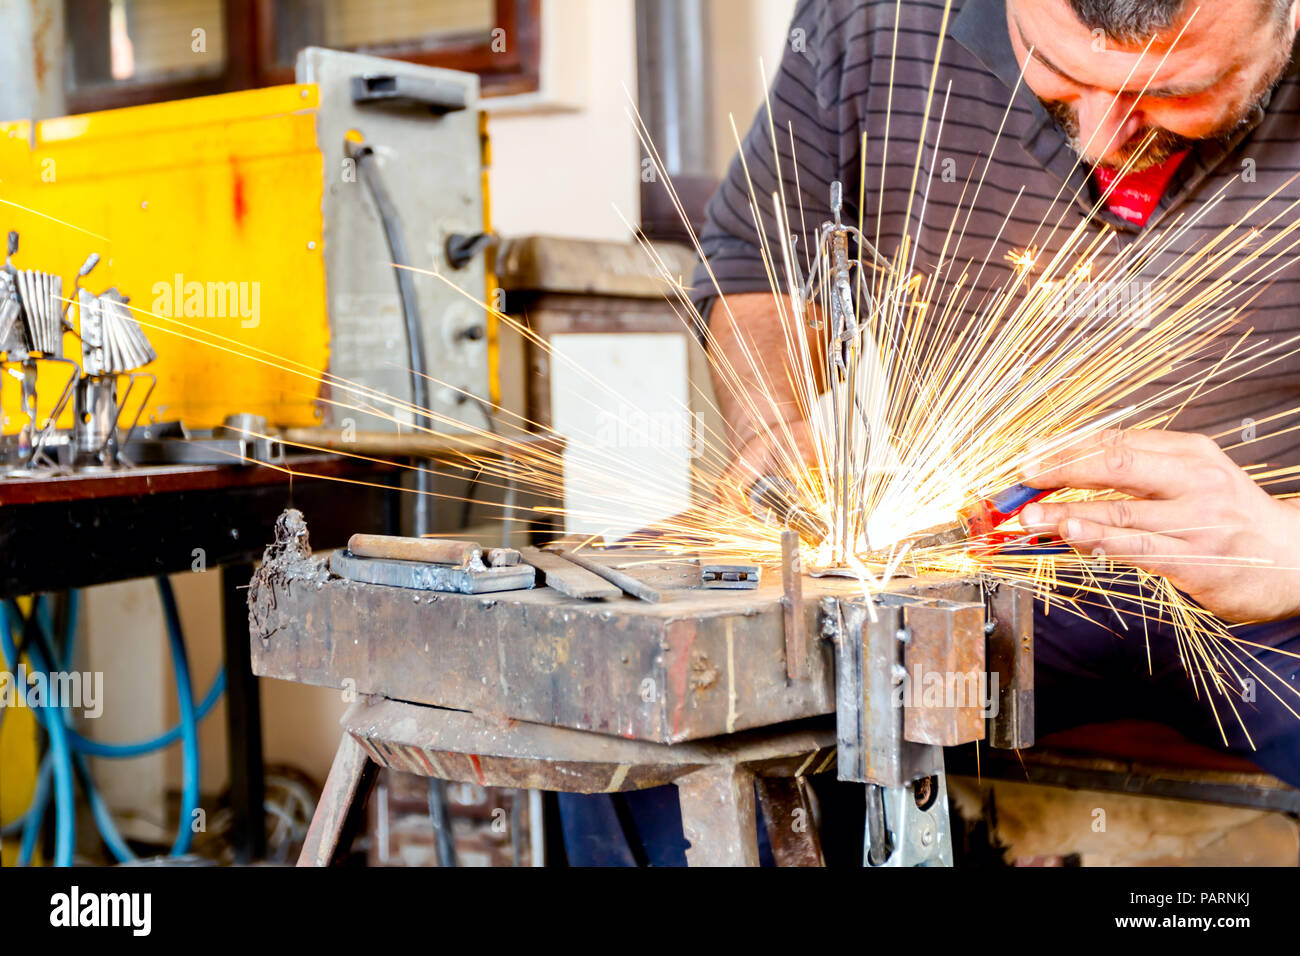 Bildhauer ist unter Verwendung des arc-Schweißen Montage Metall Skulptur ohne angemessenen Schutz, Barehanded. Stockbild